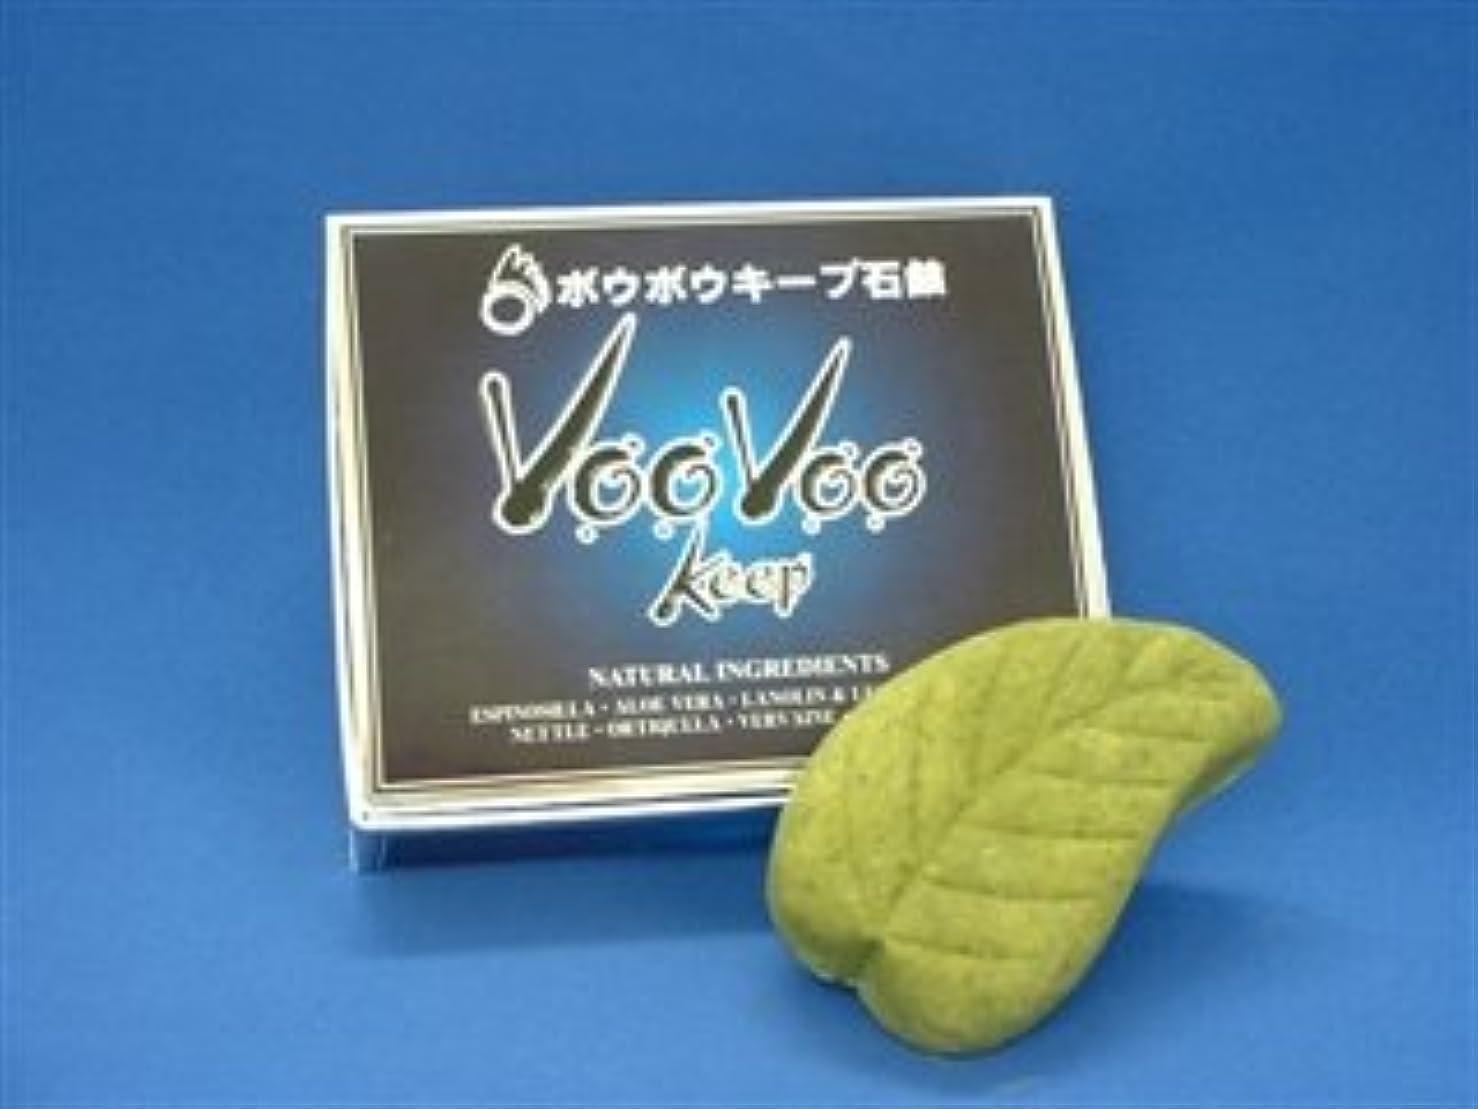 耳きゅうりスペシャリストボウボウキープ石鹸(VooVoo keep)